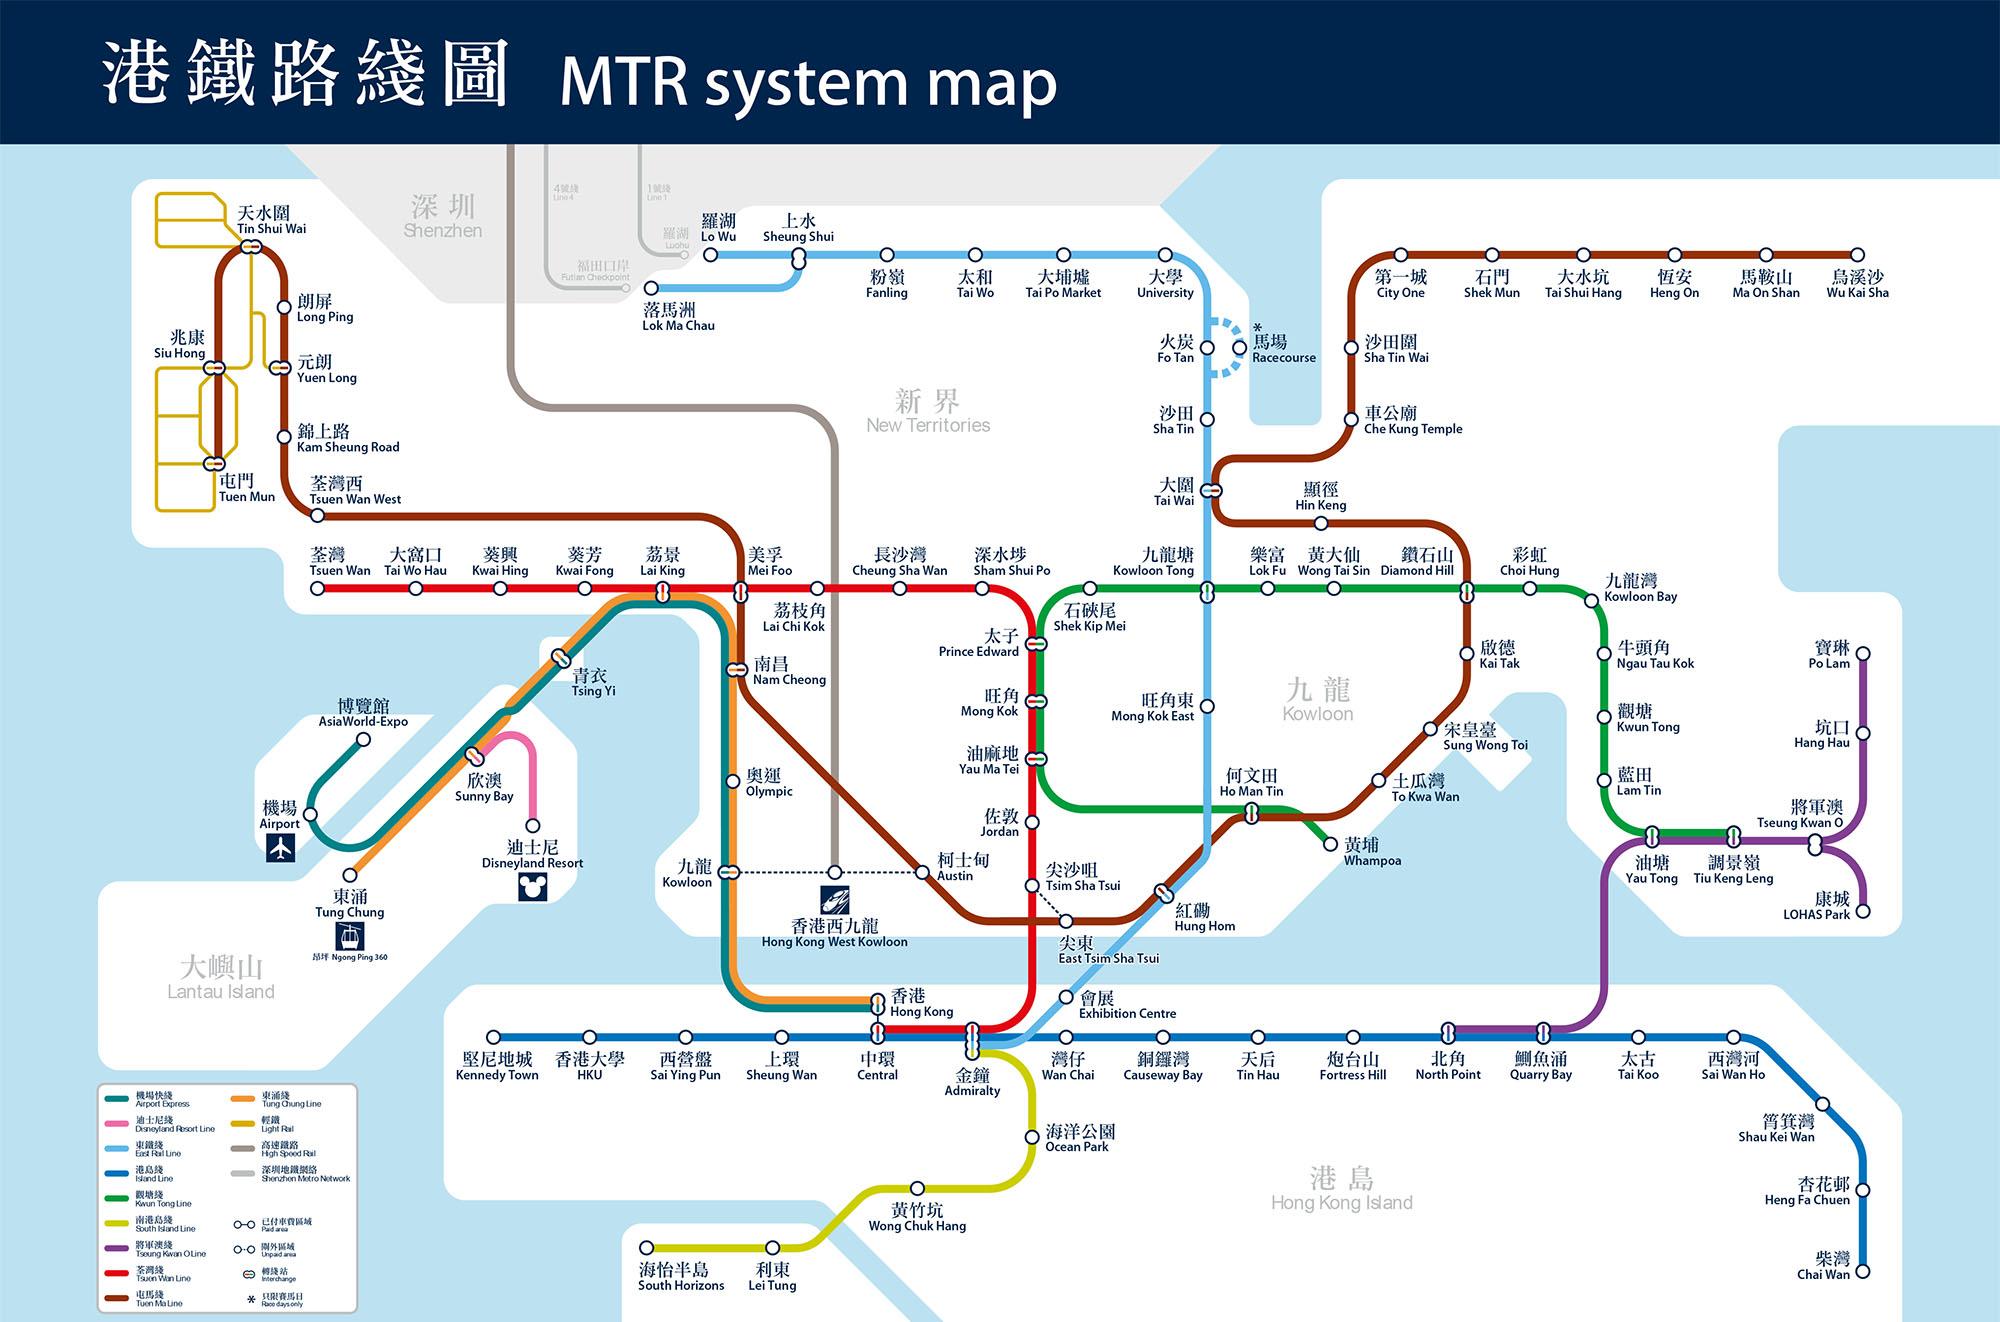 港鐵 | [組圖+影片] 的最新詳盡資料** (必看!!) - www.go2tutor.com